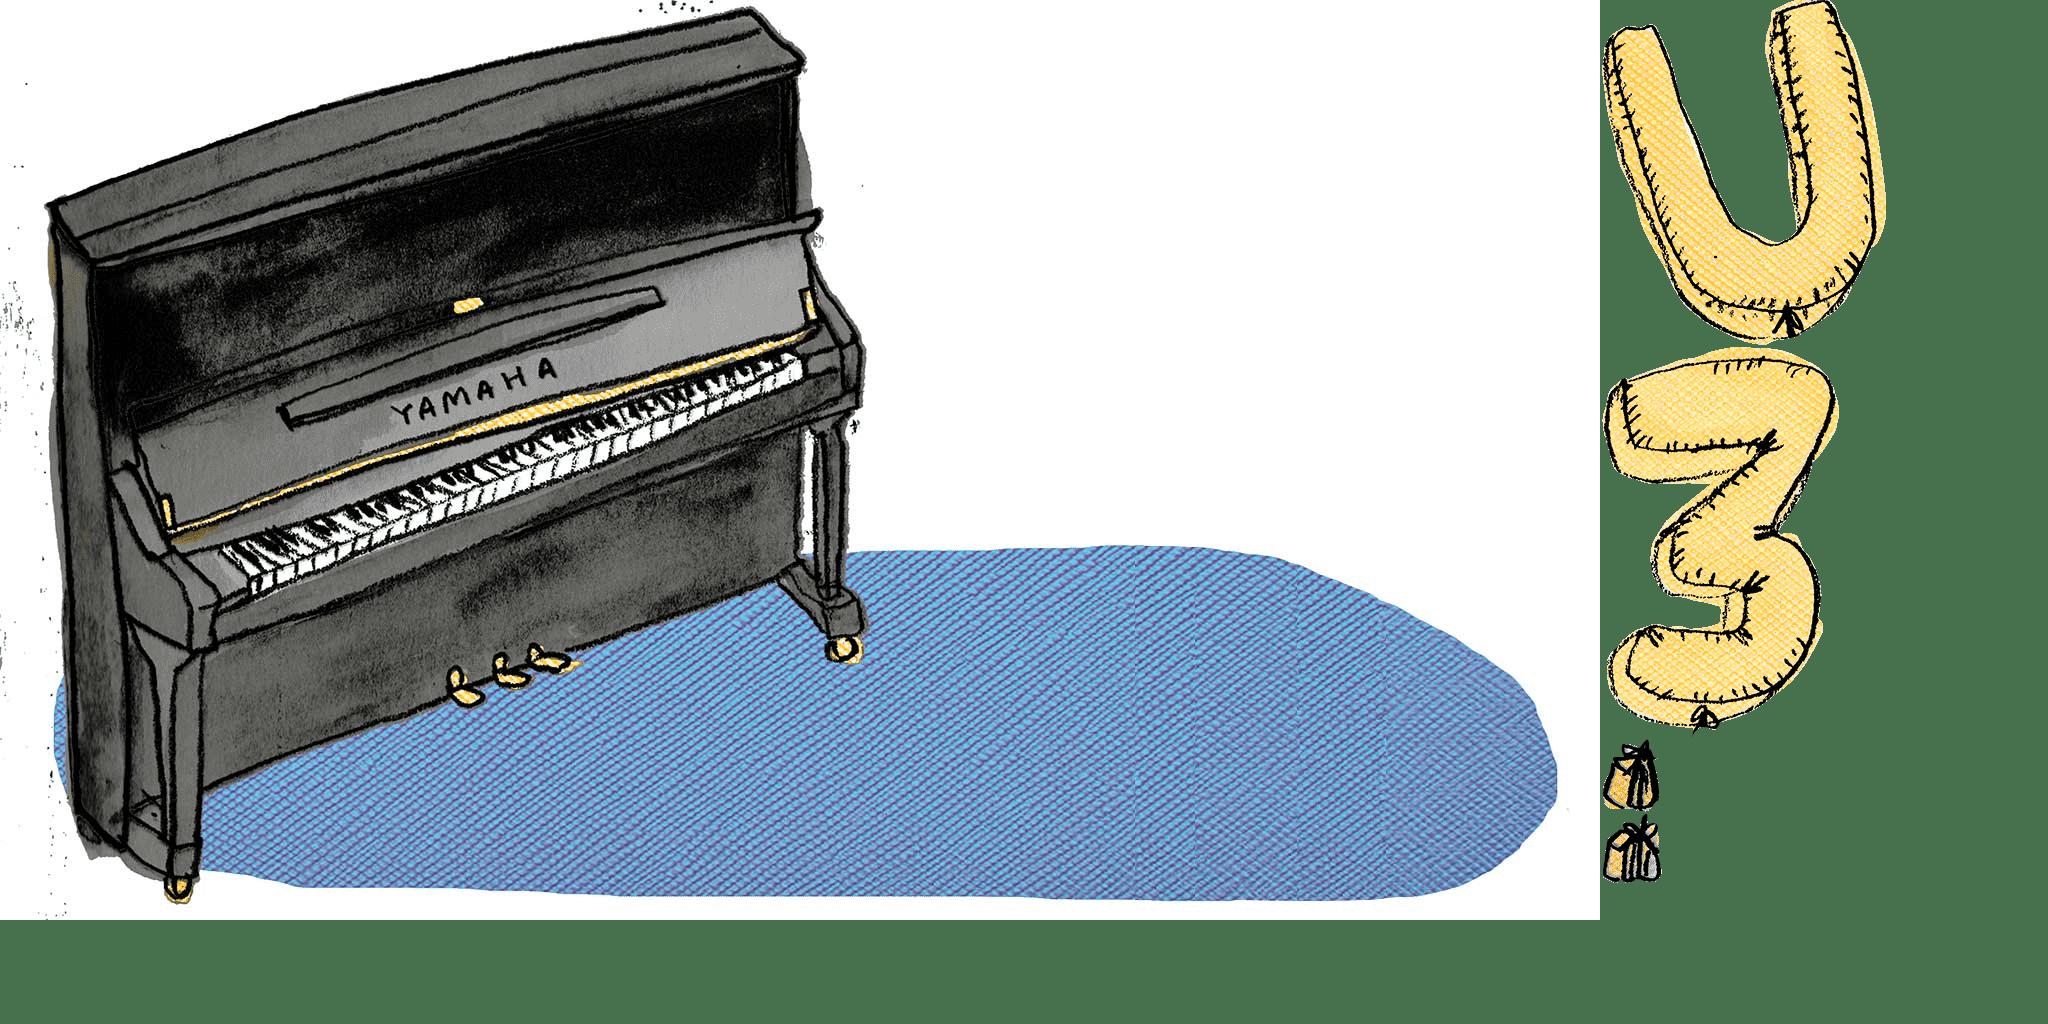 new yamaha u3 piano price